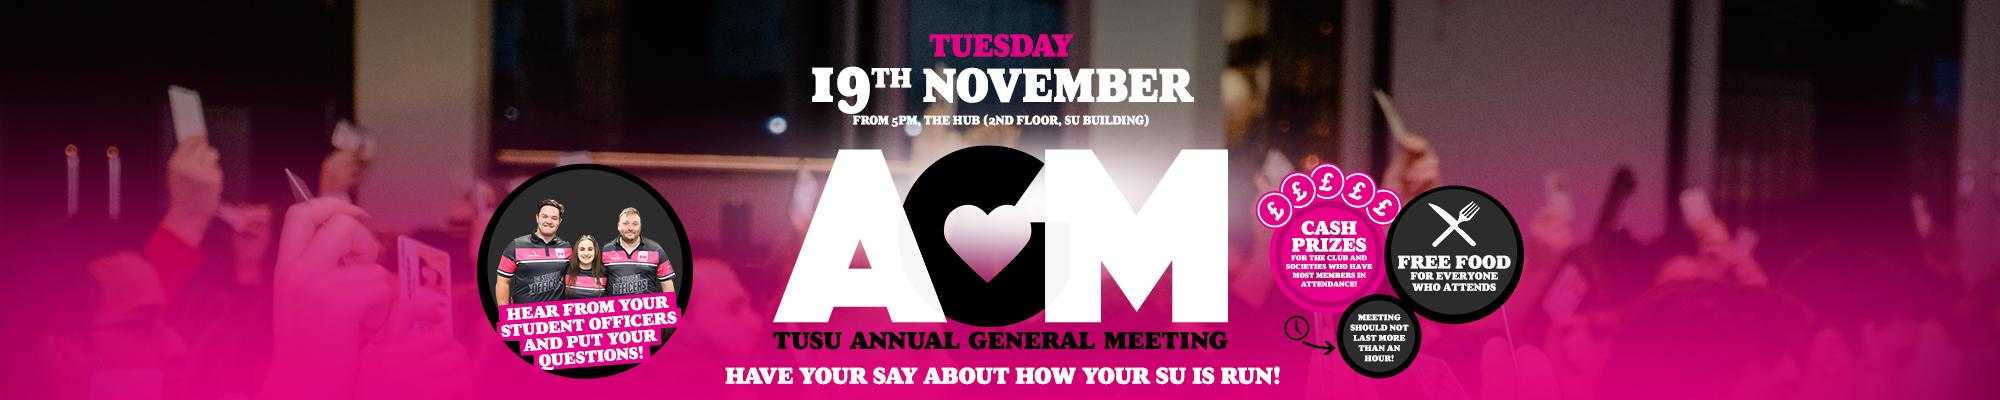 Agm web banner 2019